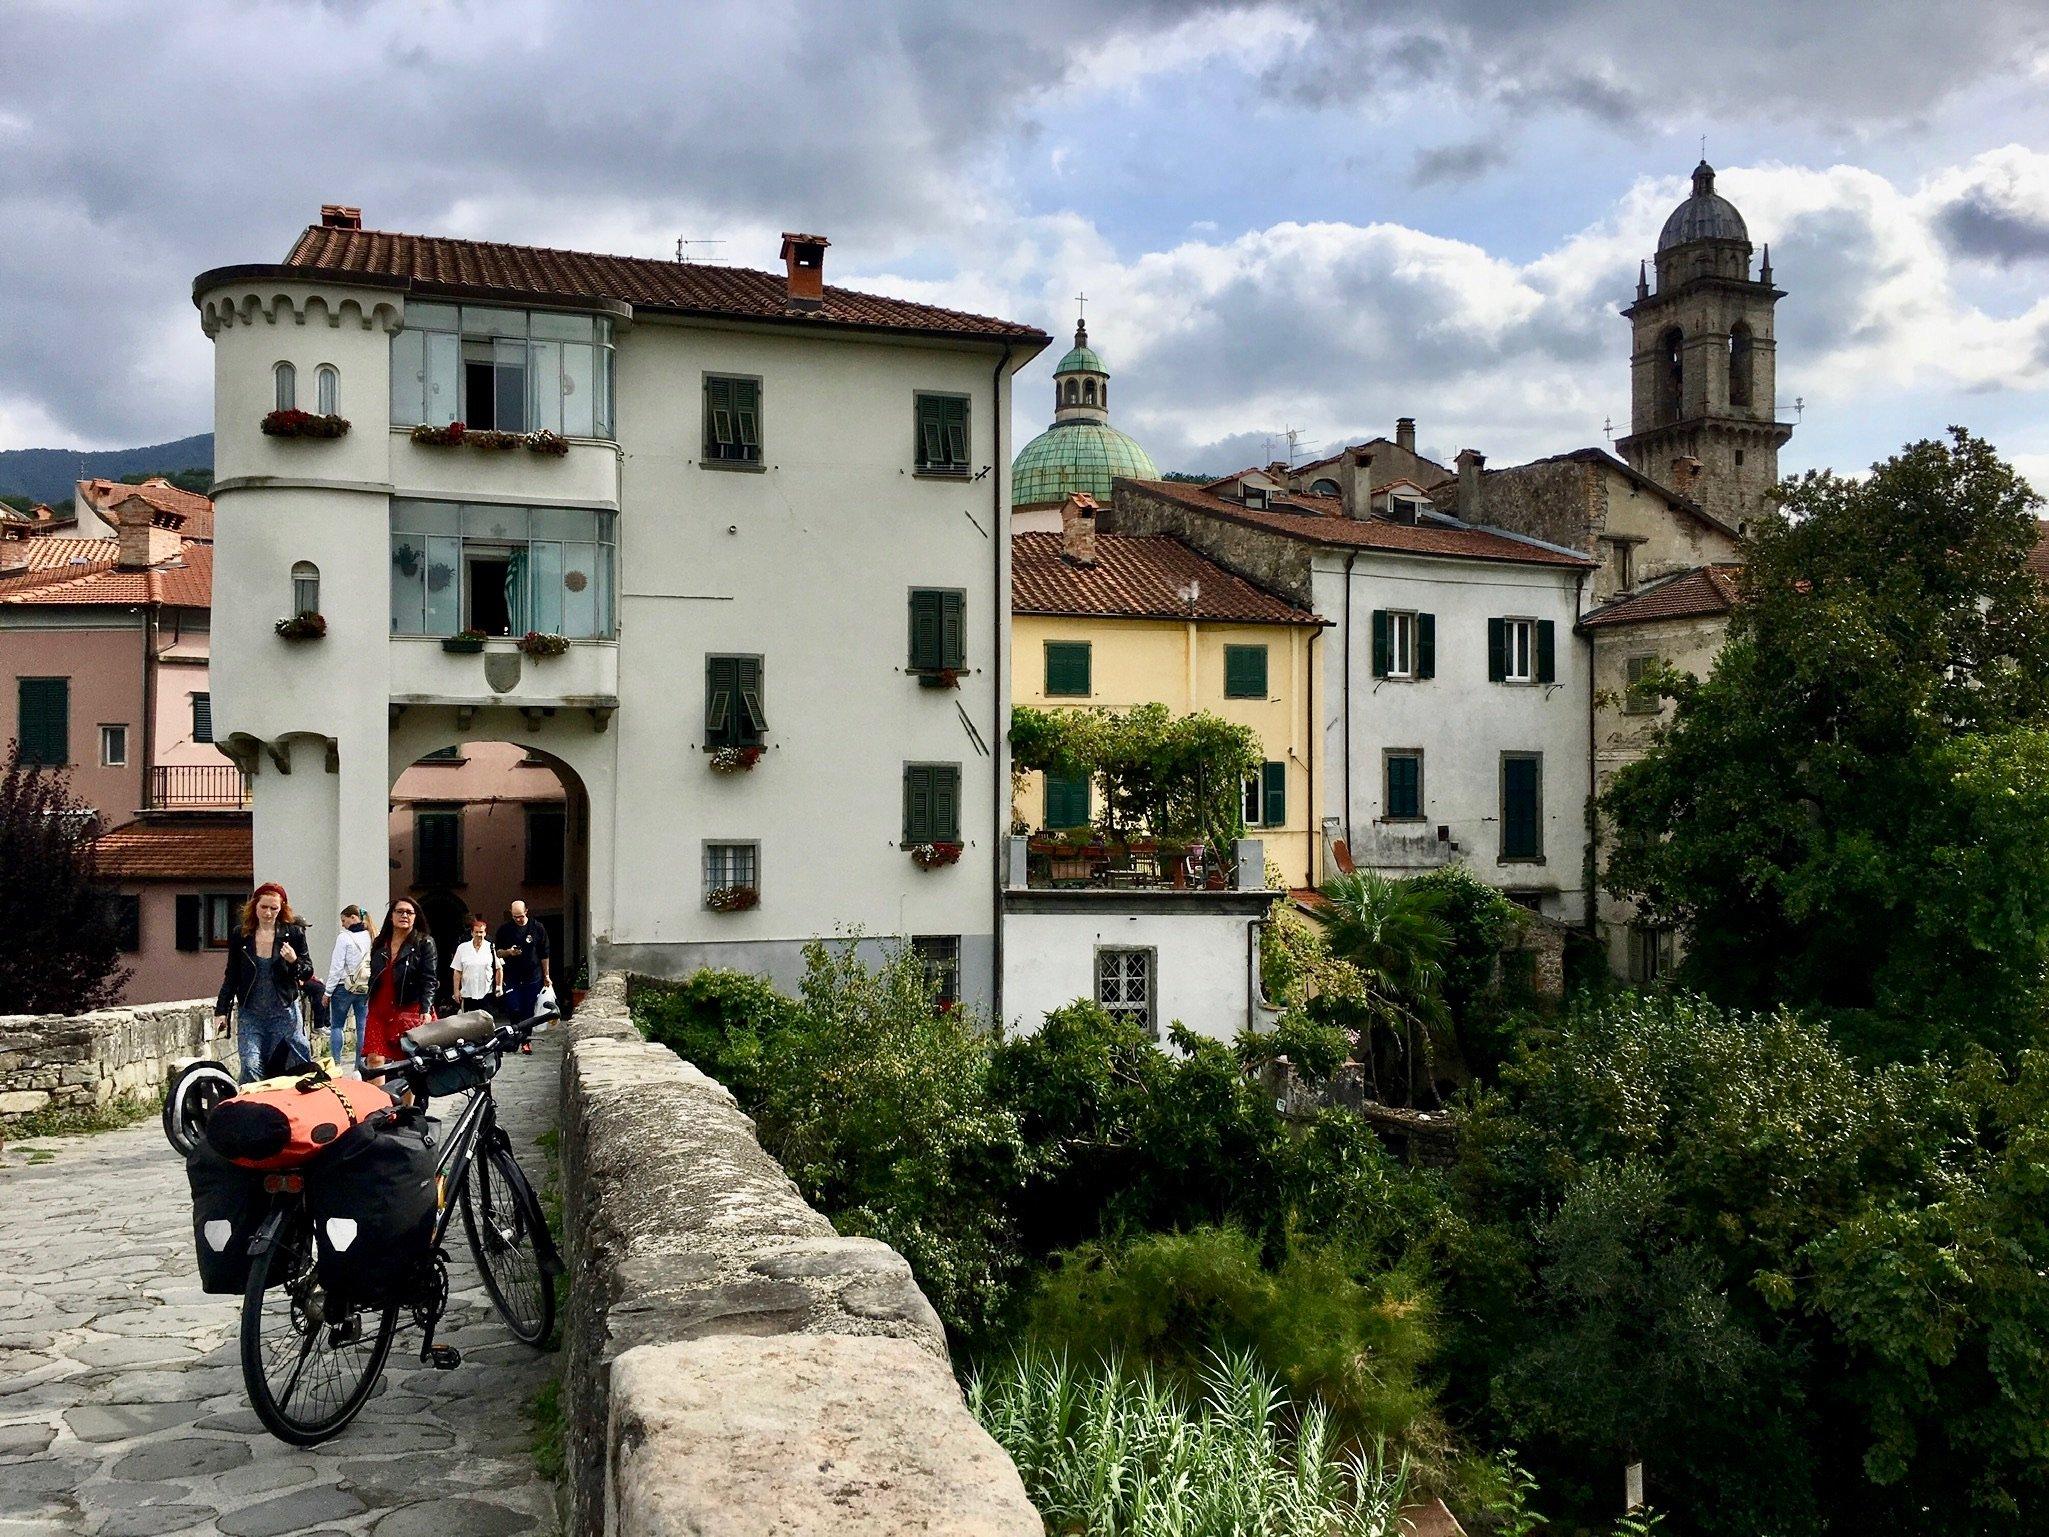 Blick auf die Altstadt von Pontremoli